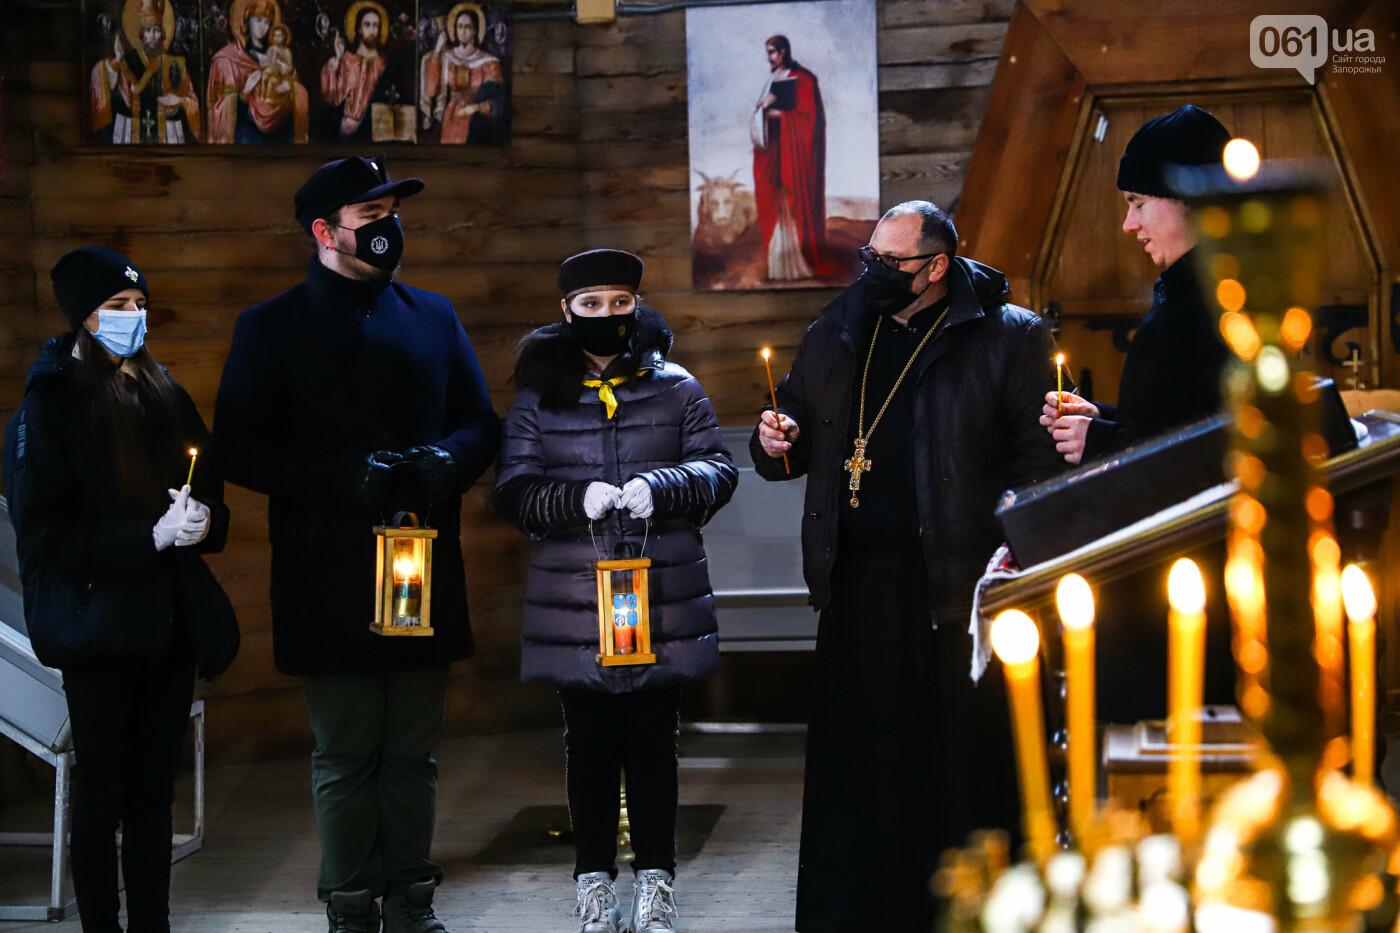 На Хортице скауты передали священникам Вифлеемский огонь, - ФОТОРЕПОРТАЖ, фото-18